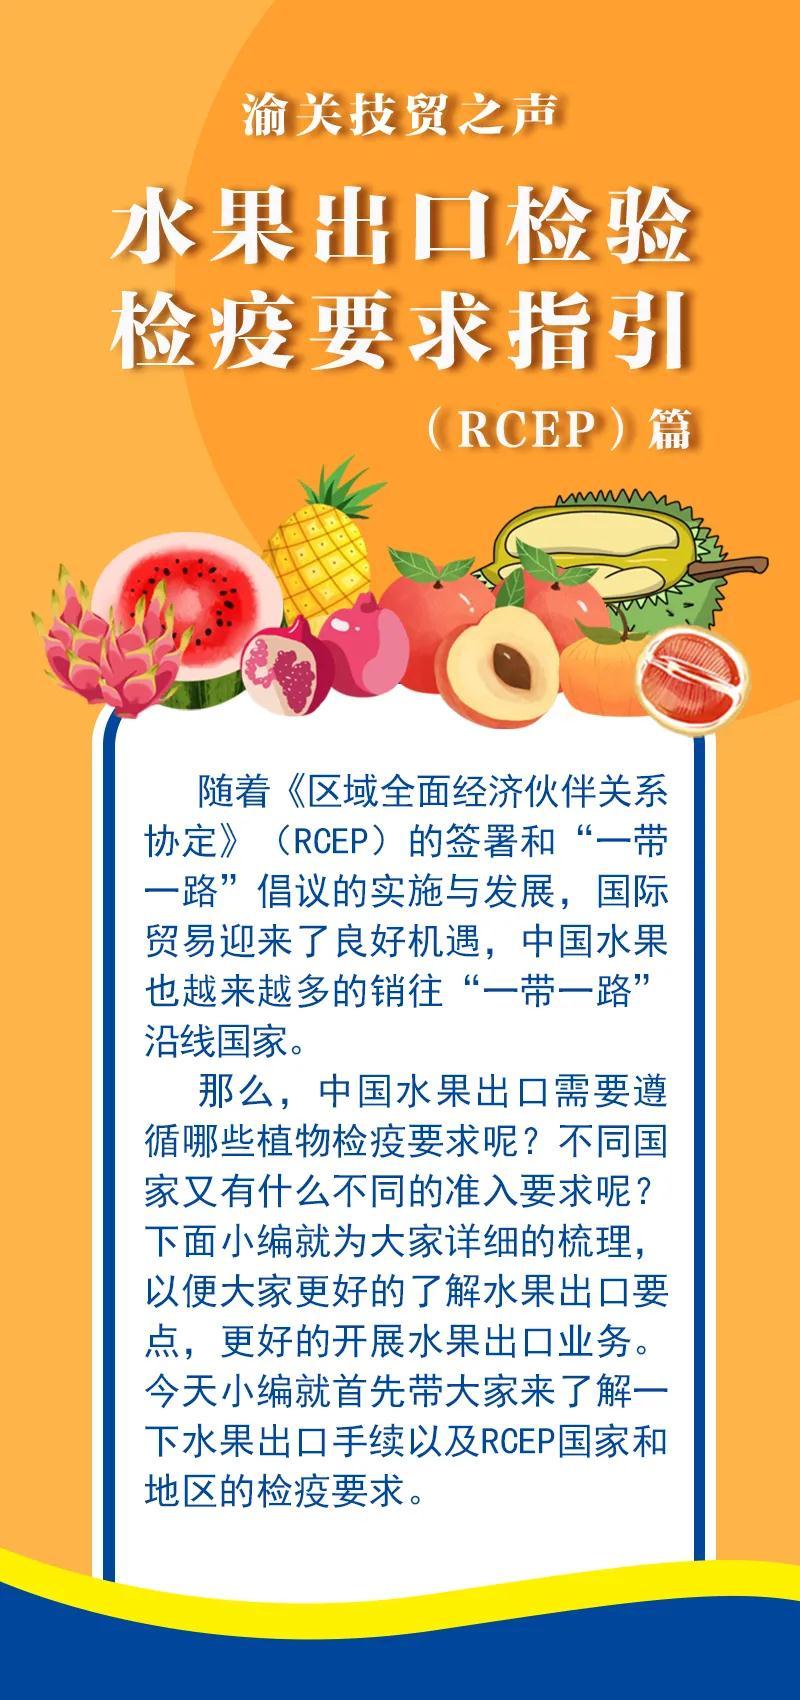 水果出口检验检疫要求指引